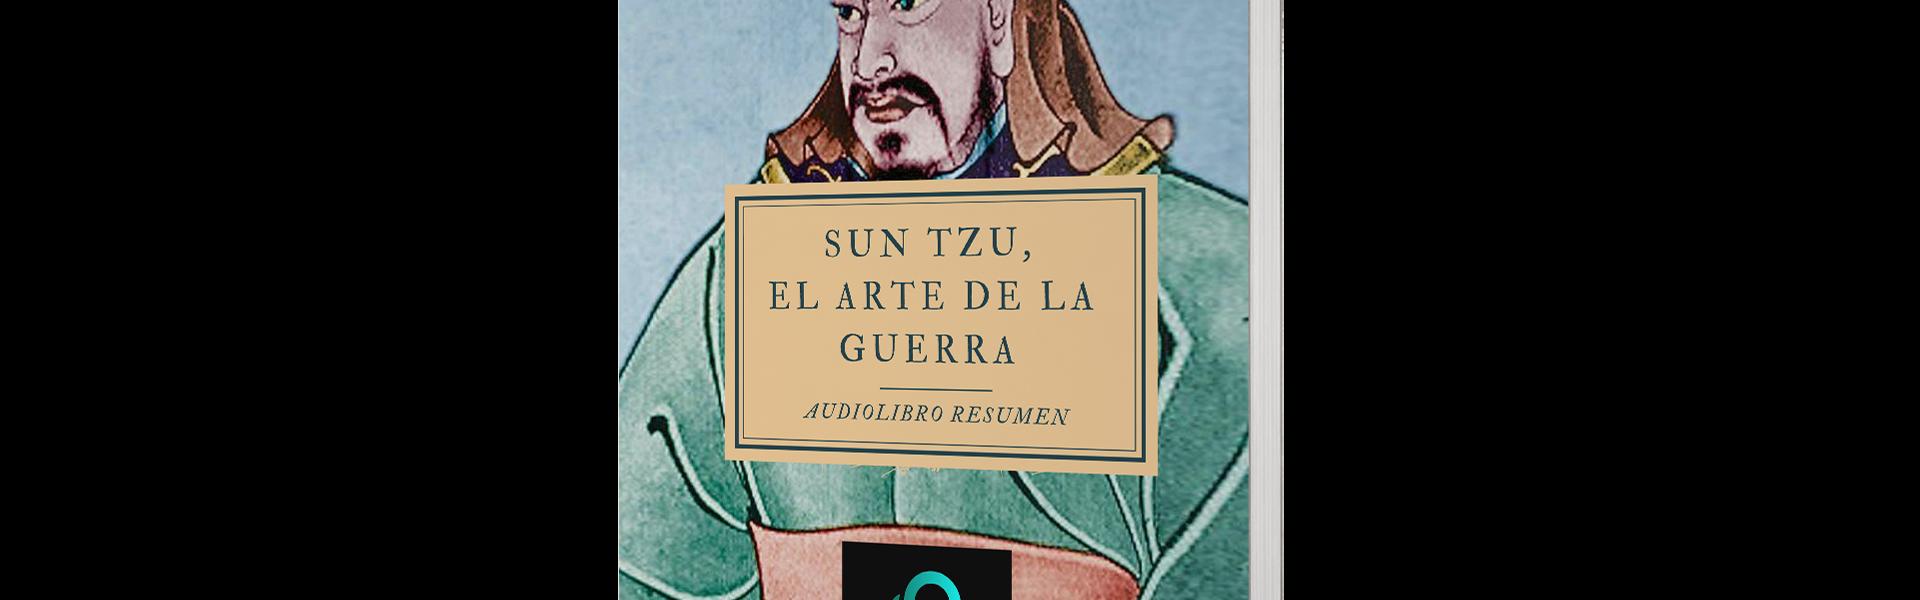 Sun Tzu el arte de la guerra audiolibro